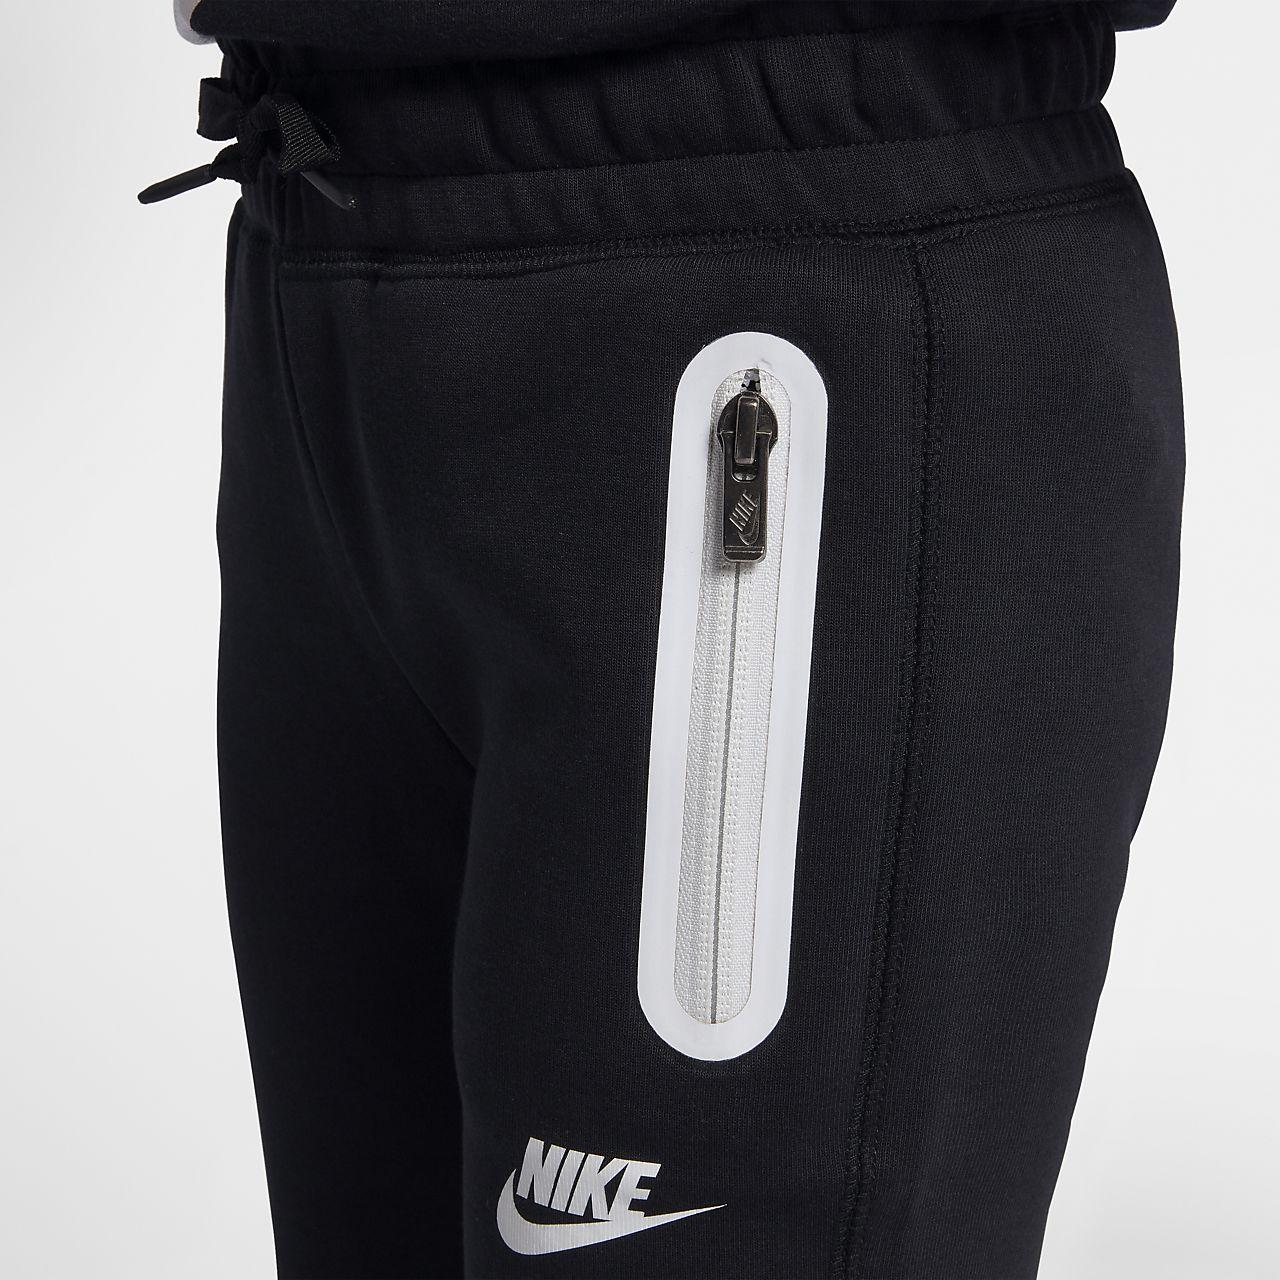 b3b22c8a Byxor Nike Sportswear Tech Fleece för barn. Nike.com SE